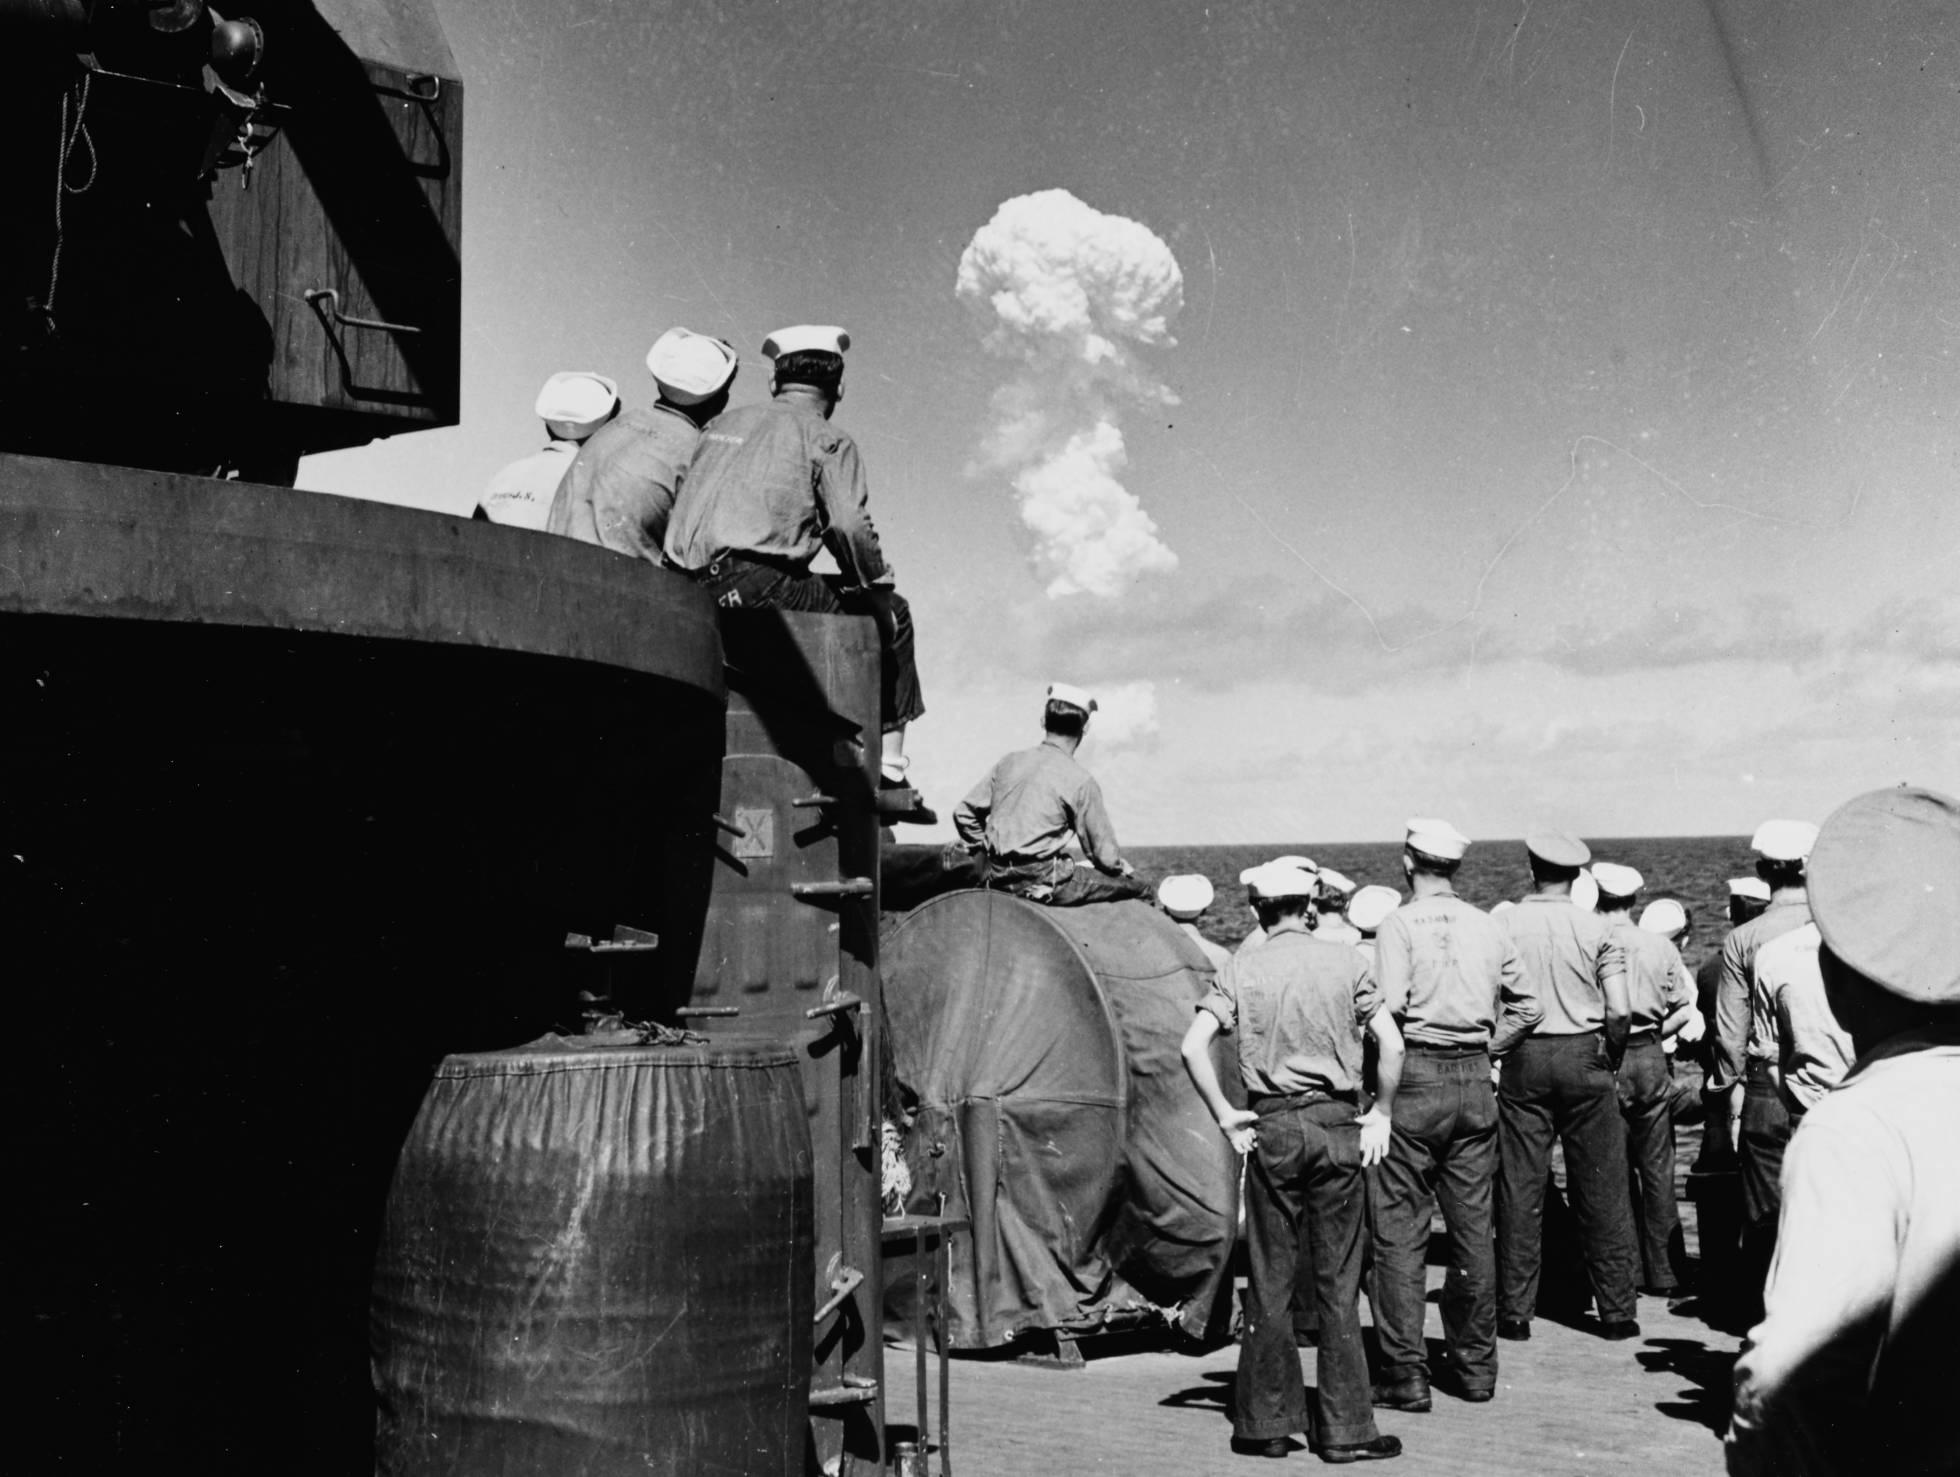 Encontrado naufrágio de bombas nucleares